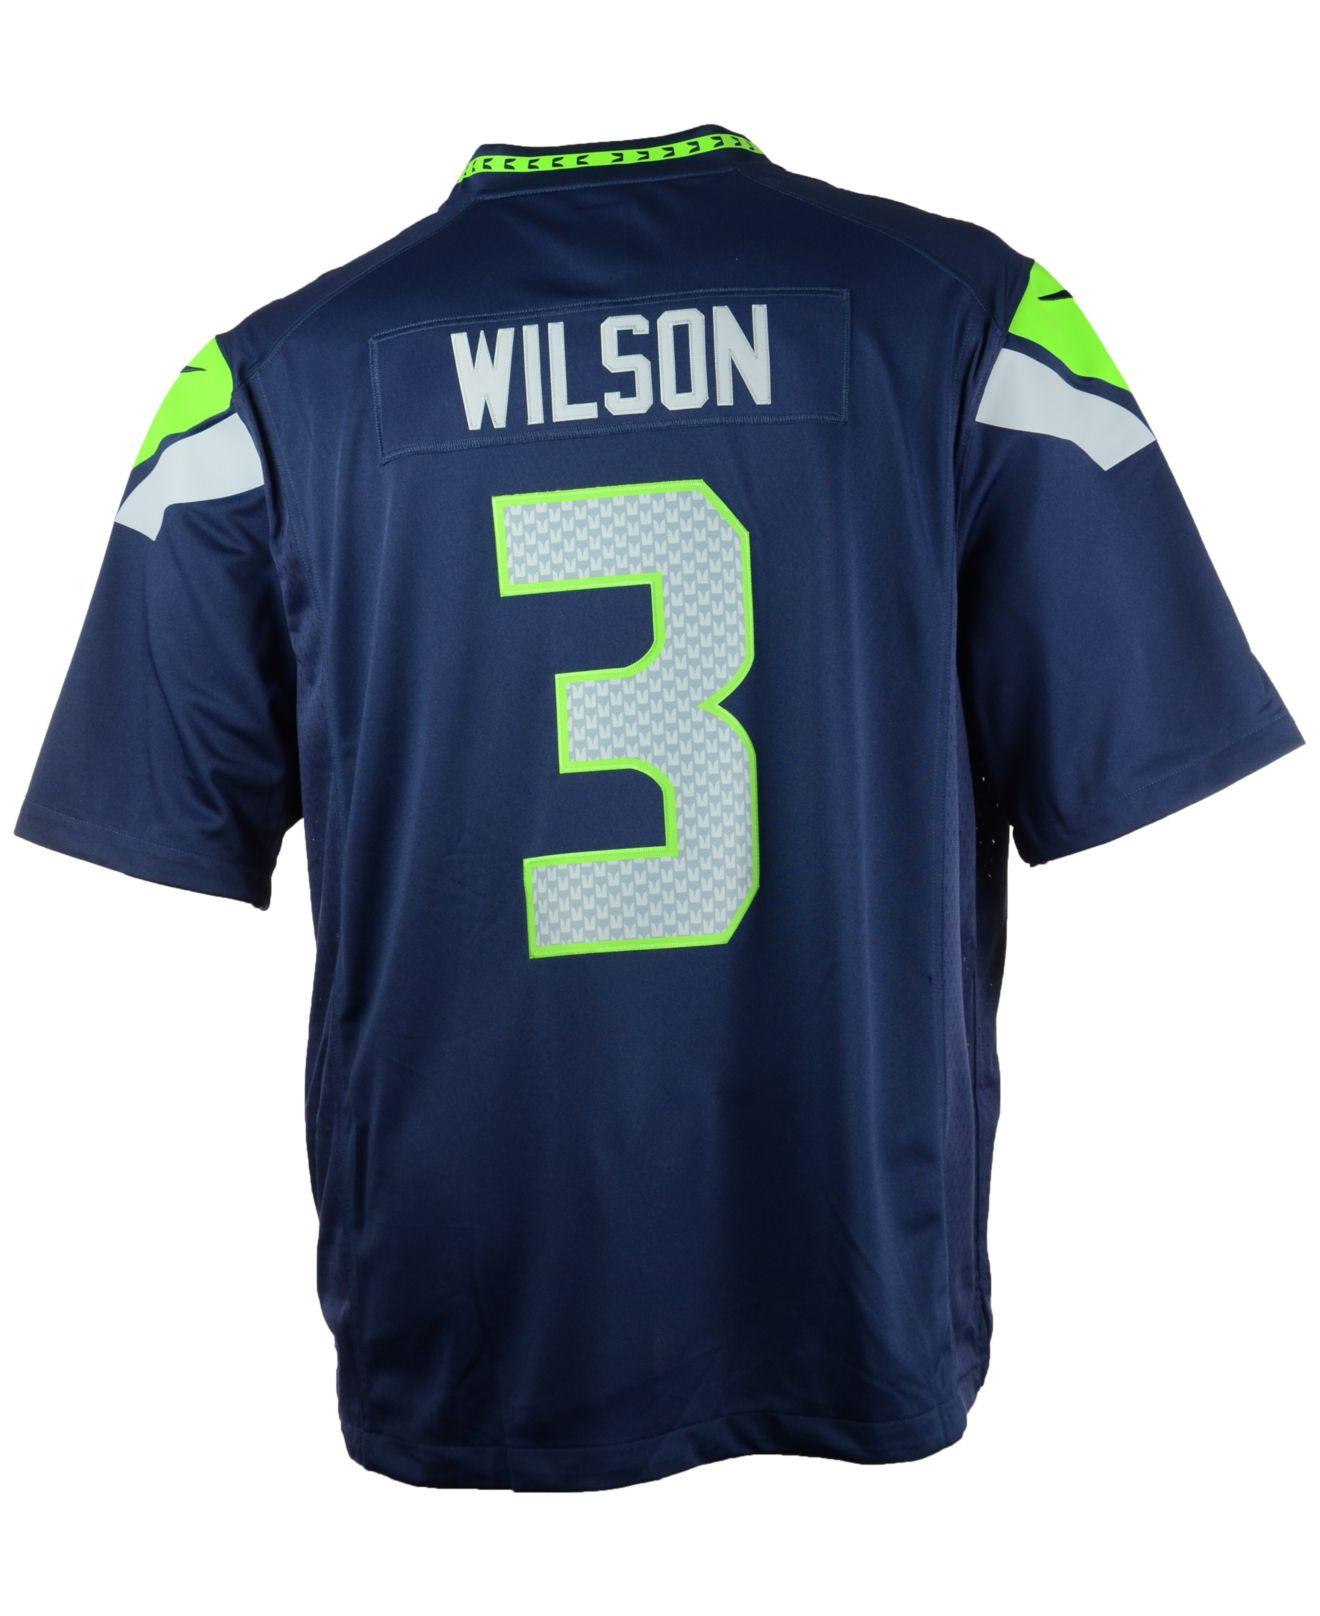 Seattle Seahawks Russell Wilson LIMITED Jerseys